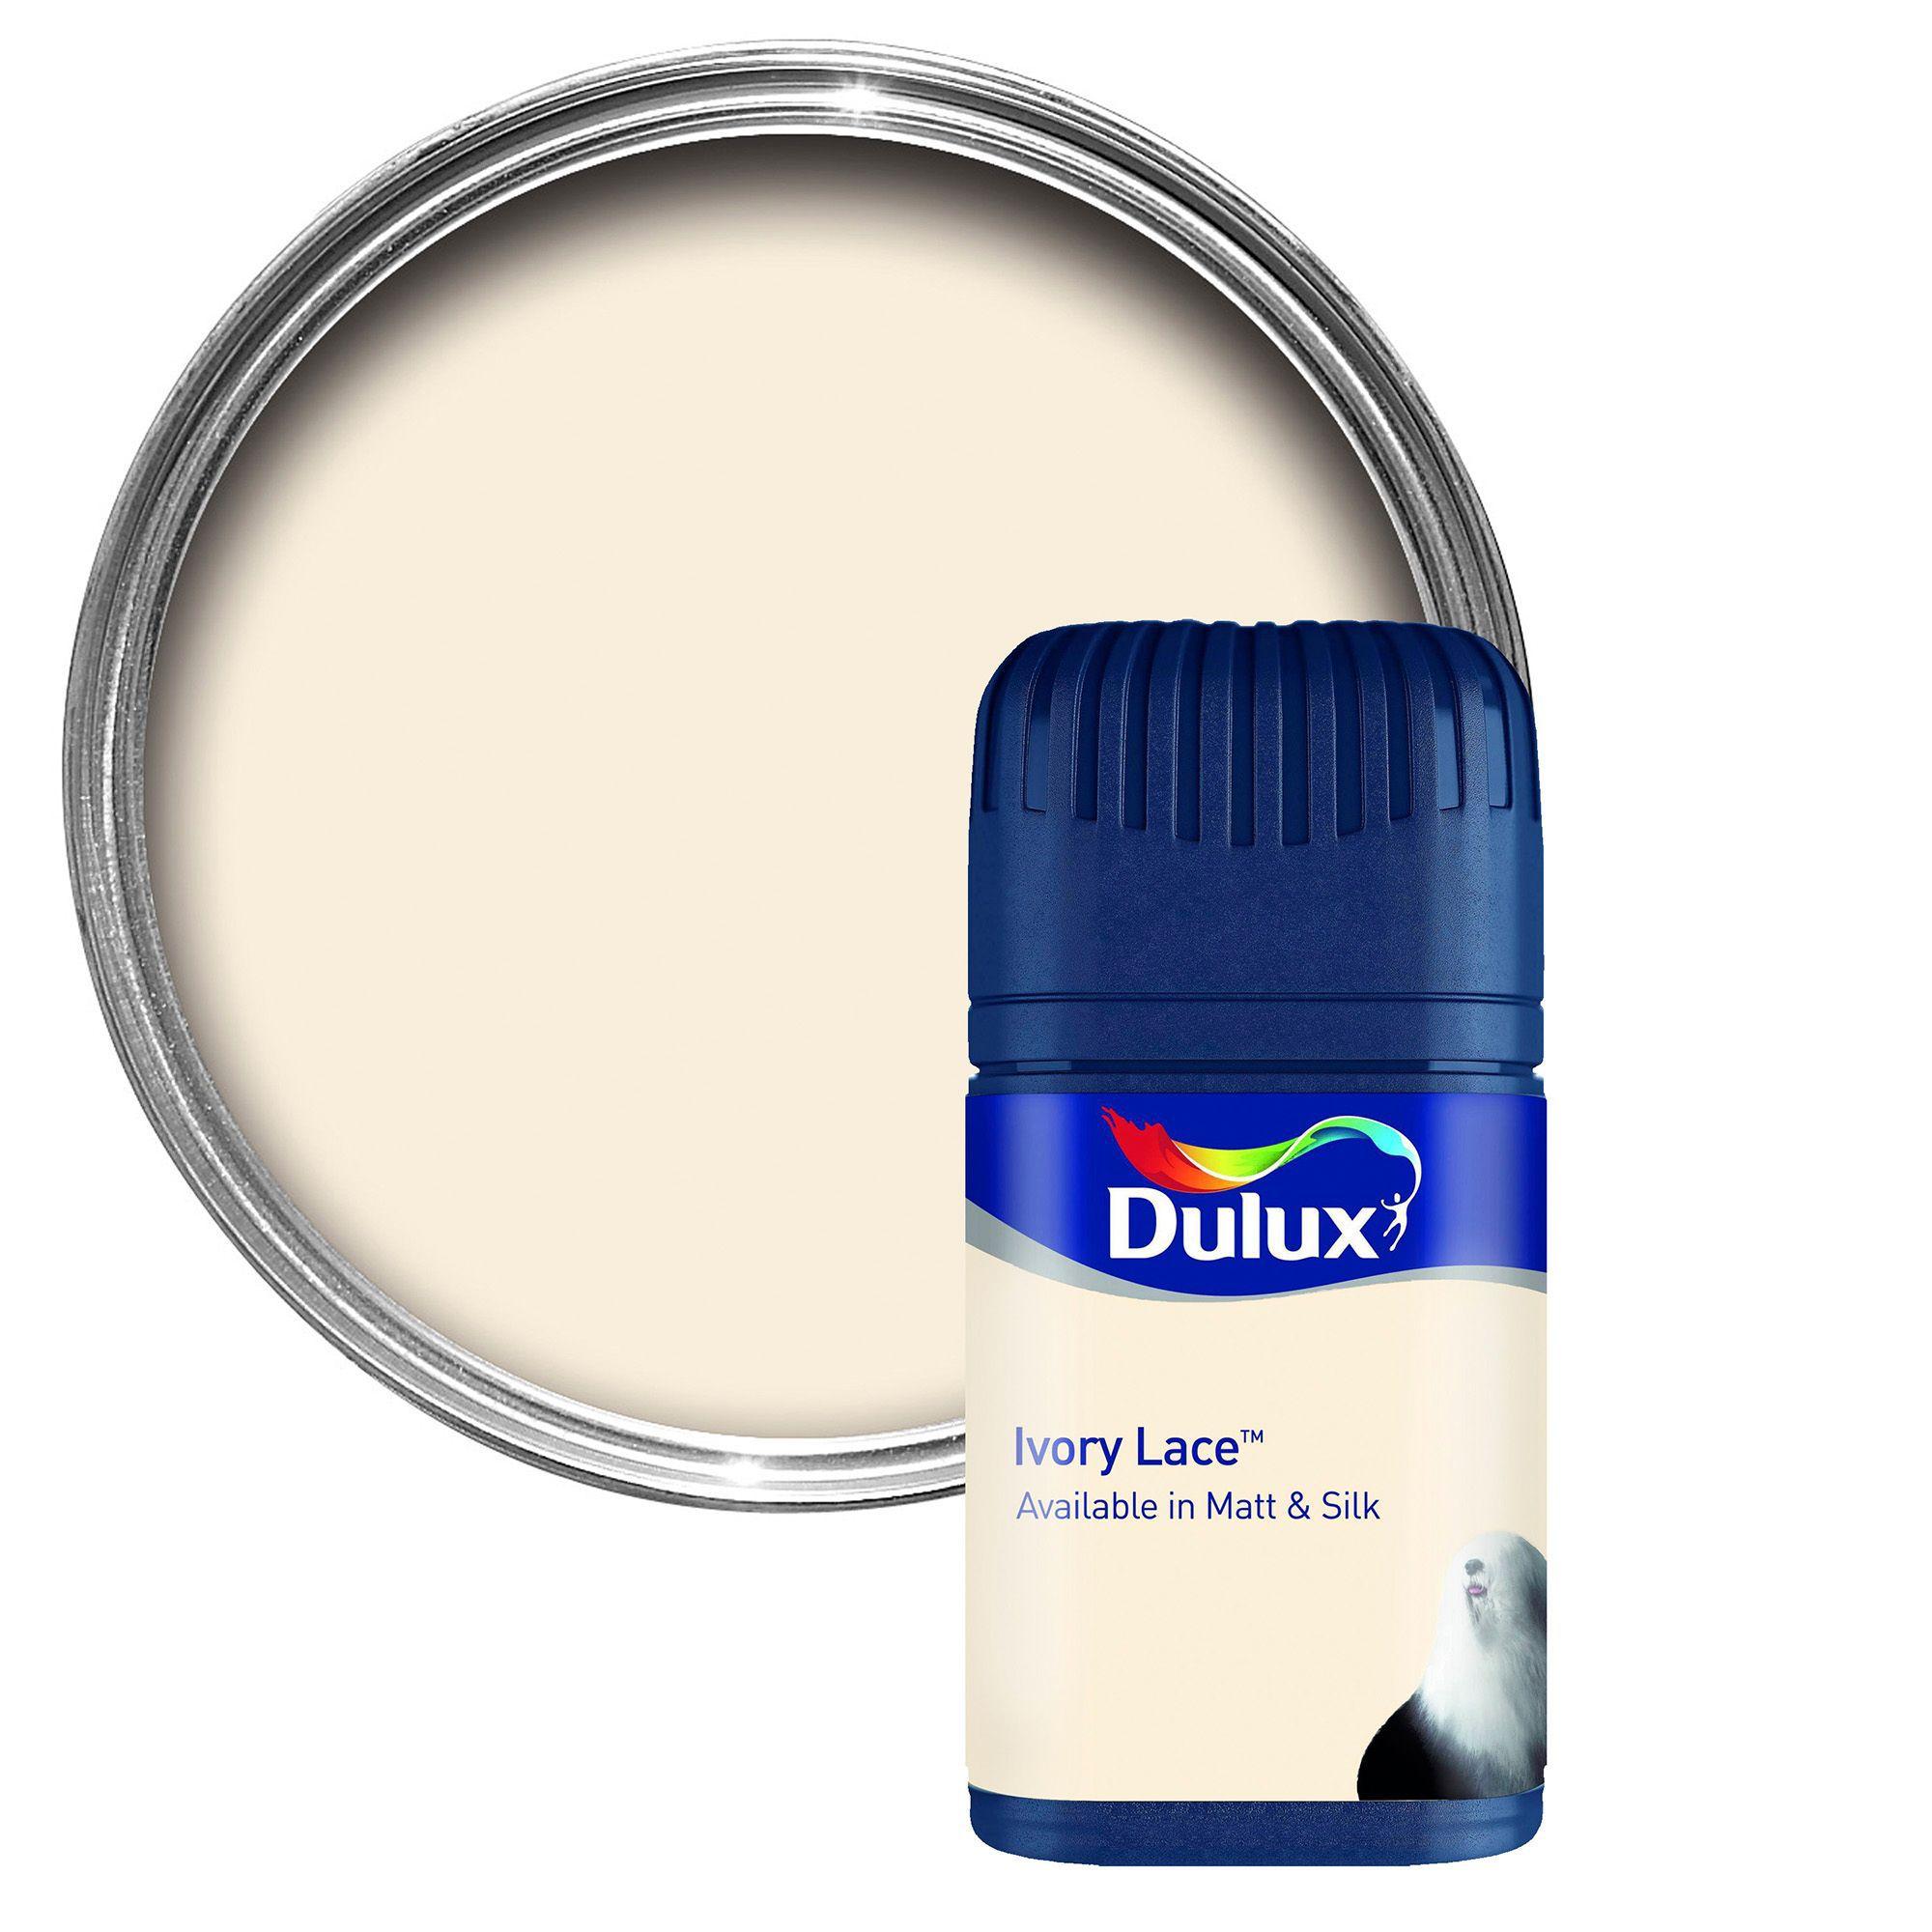 Dulux Ivory Lace Matt Emulsion Paint 50ml Tester Pot